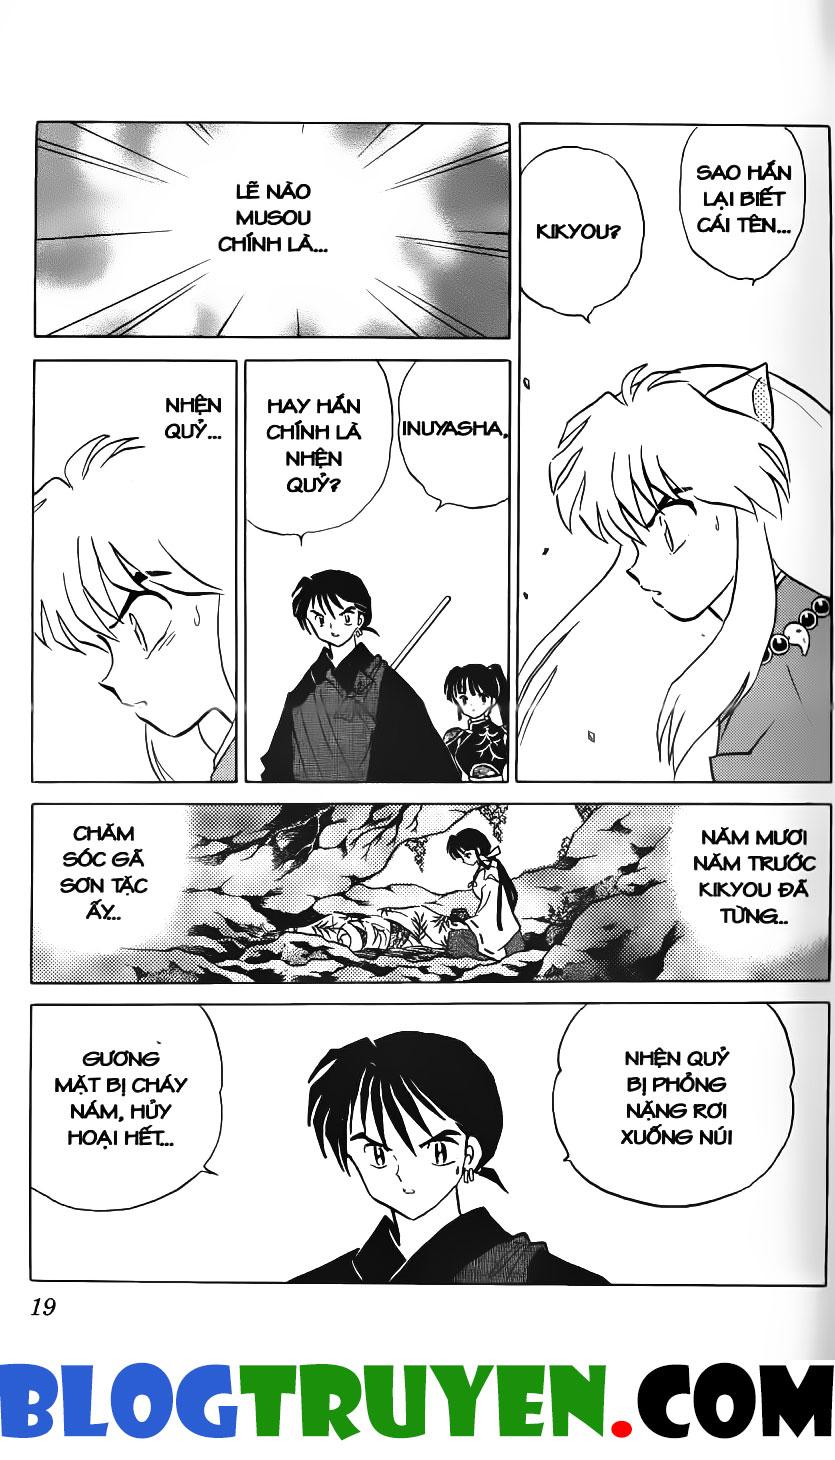 Inuyasha vol 22.1 trang 17